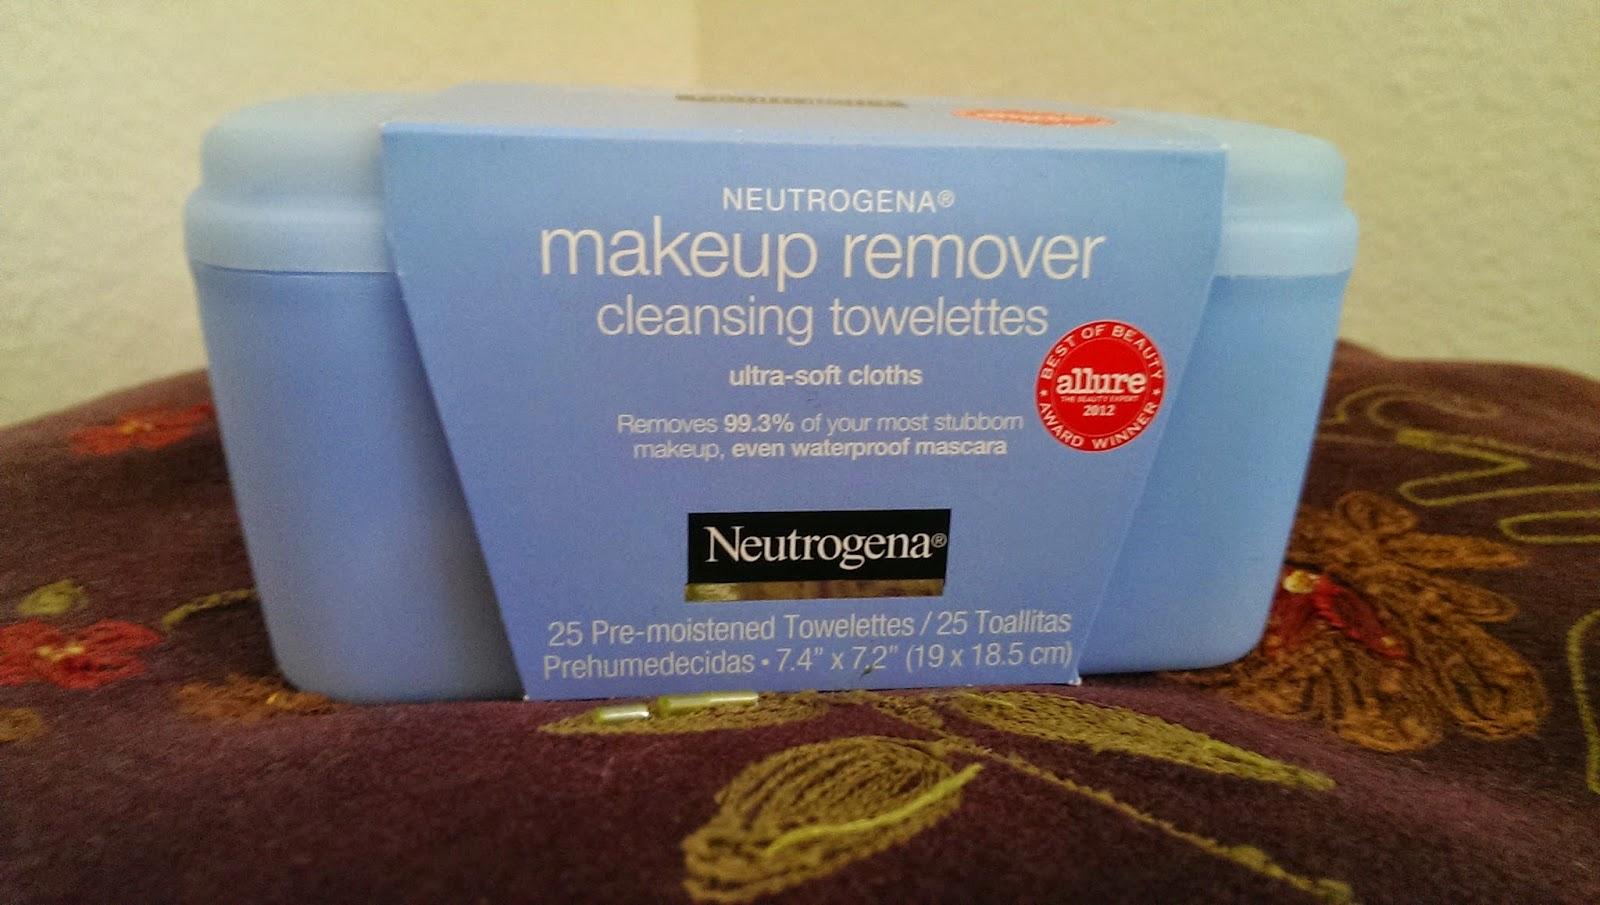 Neurtogena%2Bmakeup%2Bremover Neutrogena Remover Makeup Wipes Giveaway -Best Remover  #NeutrogenaFaceOff